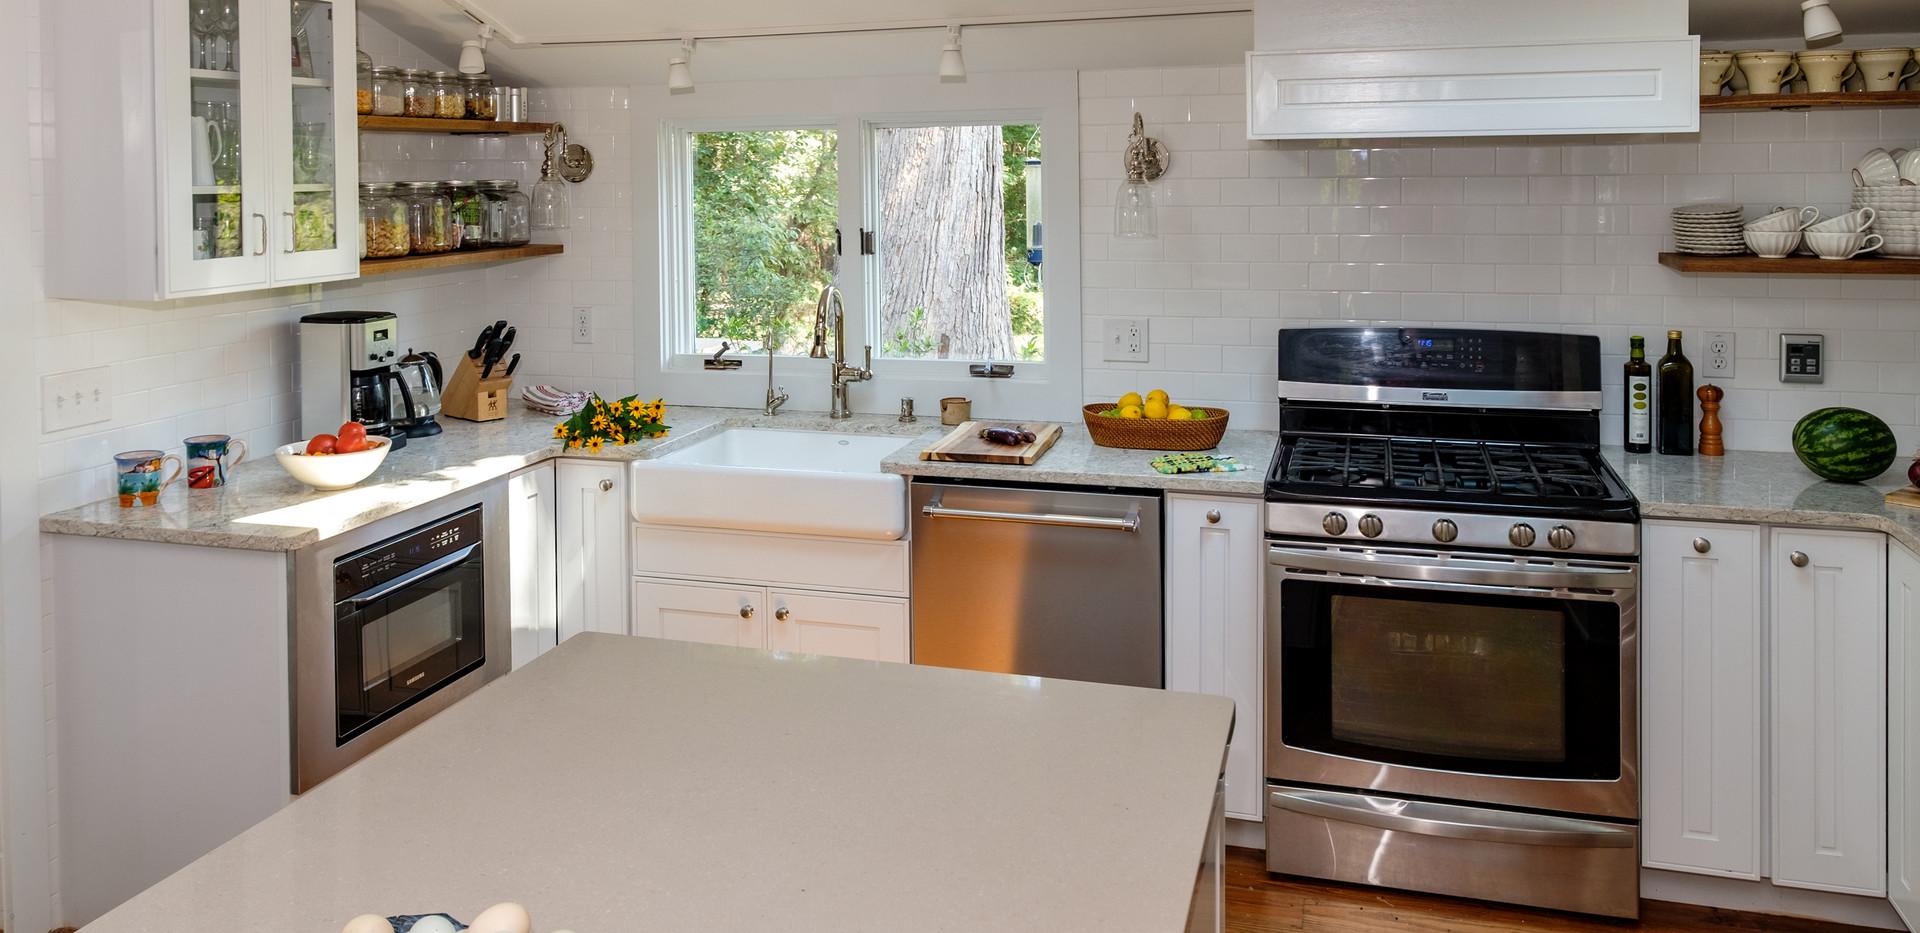 Kitchen - angled shot.jpg